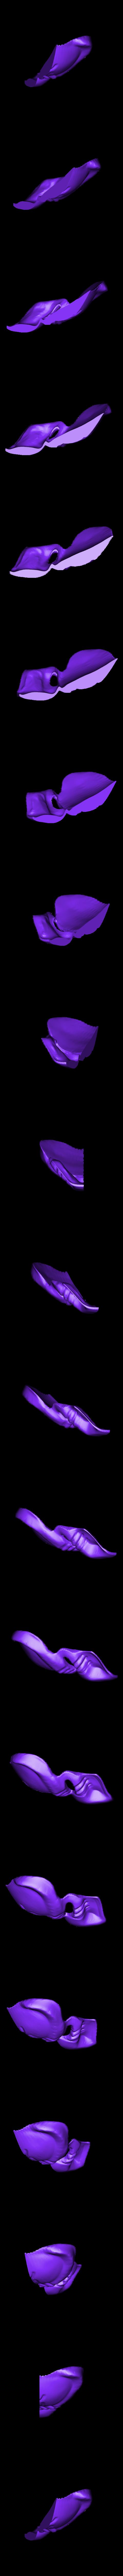 pred_right_side.stl Télécharger fichier STL gratuit Masque Predator avec dégâts de combat • Objet imprimable en 3D, Geoffro